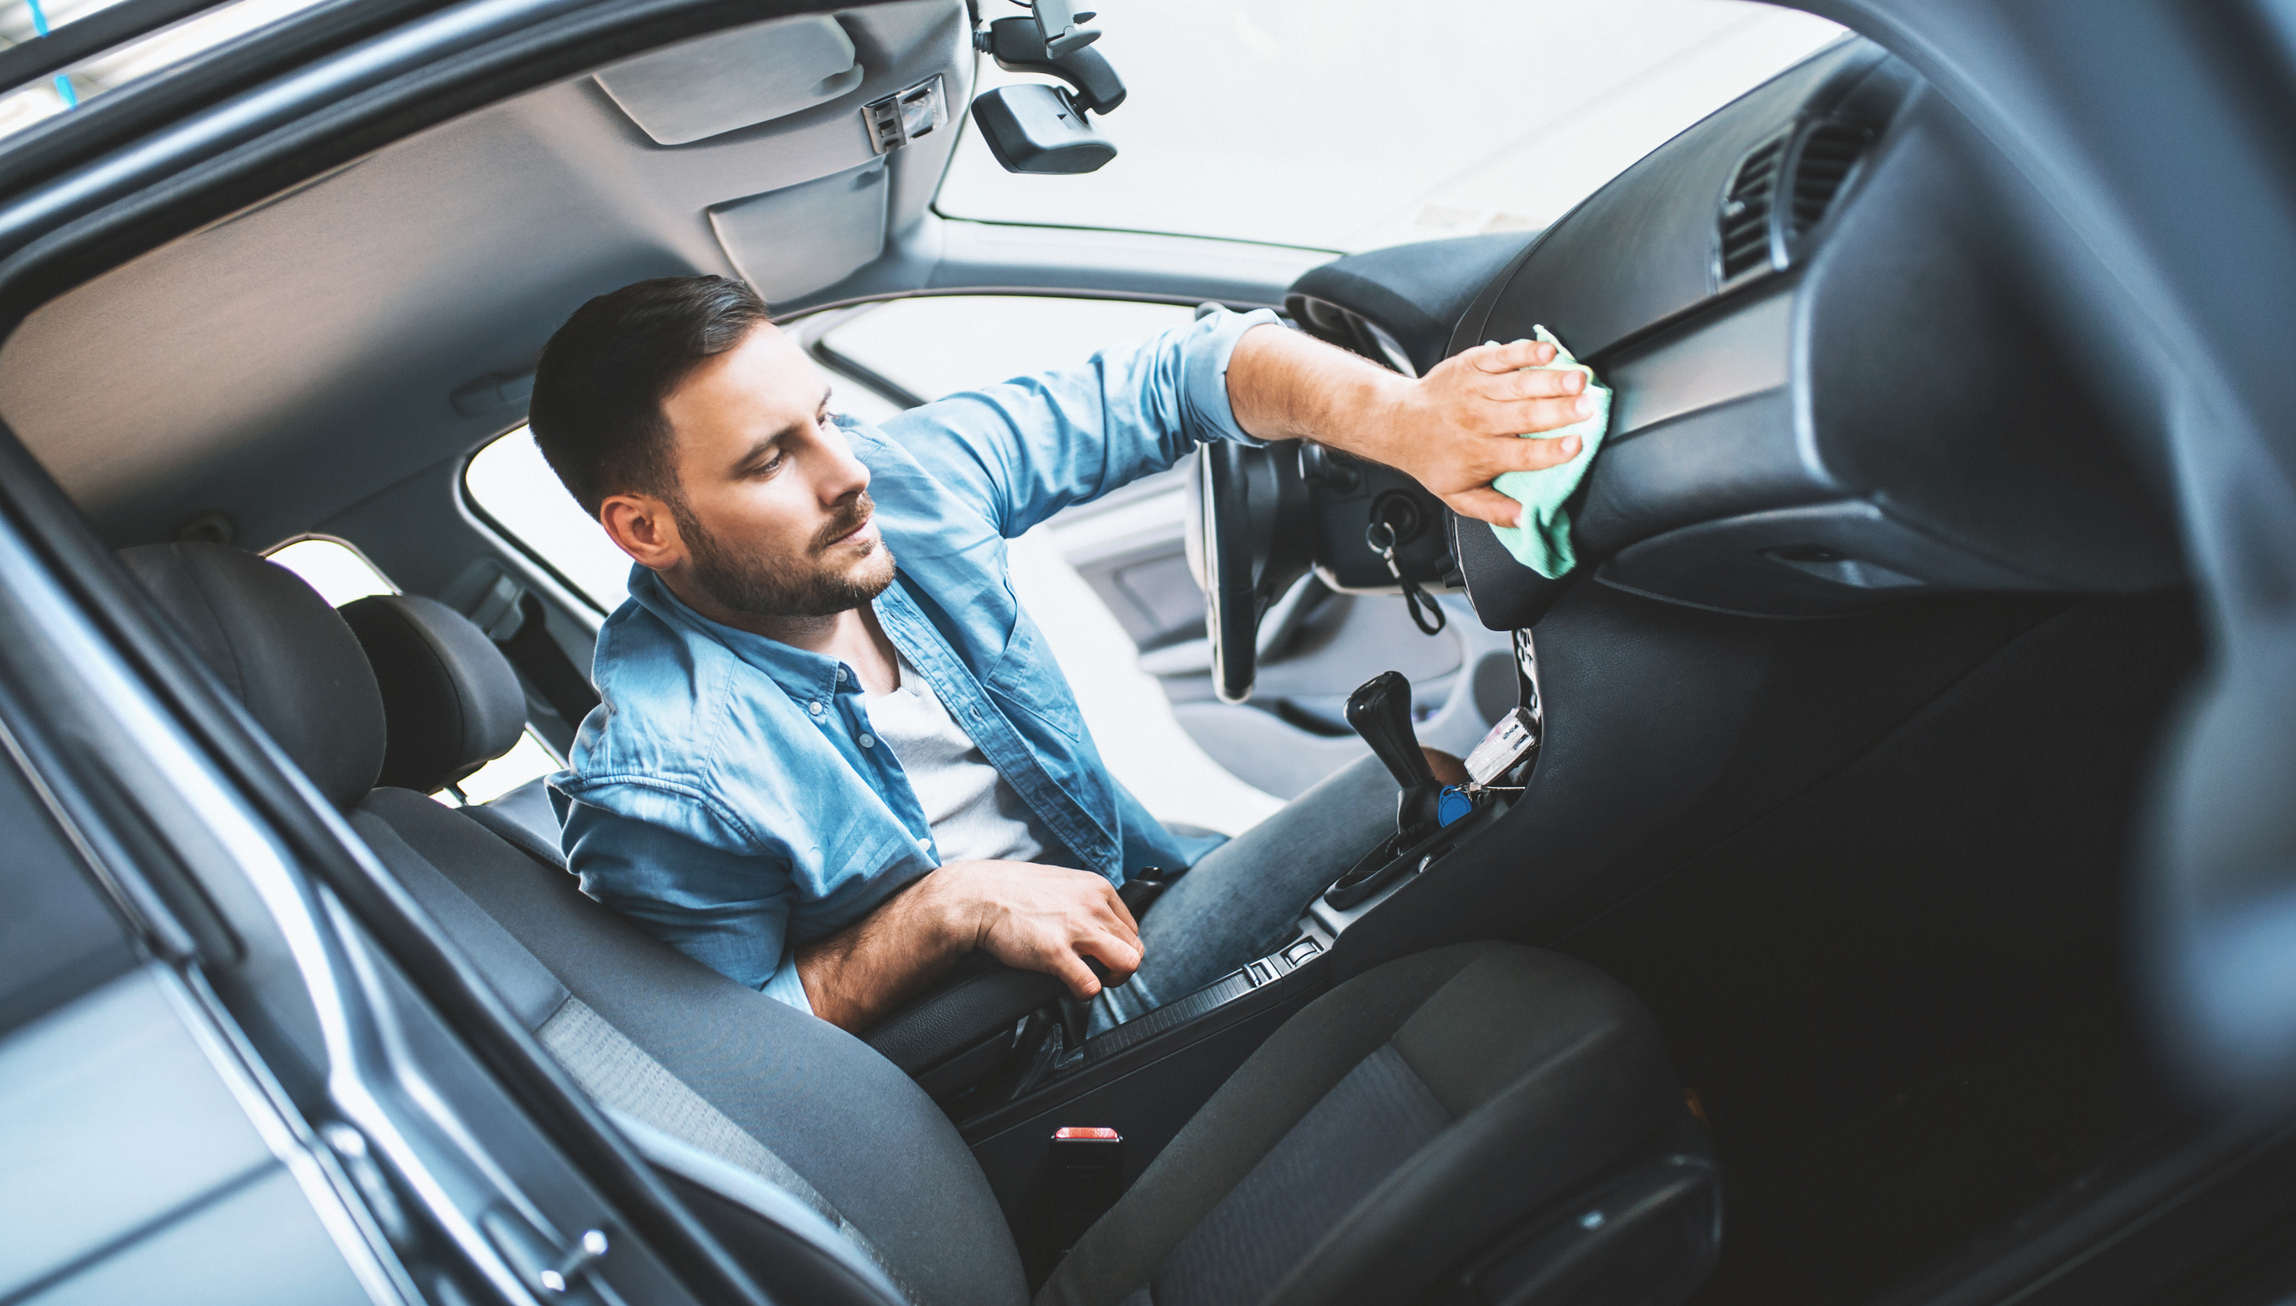 Automóvel: interior impecável num piscar de olhos